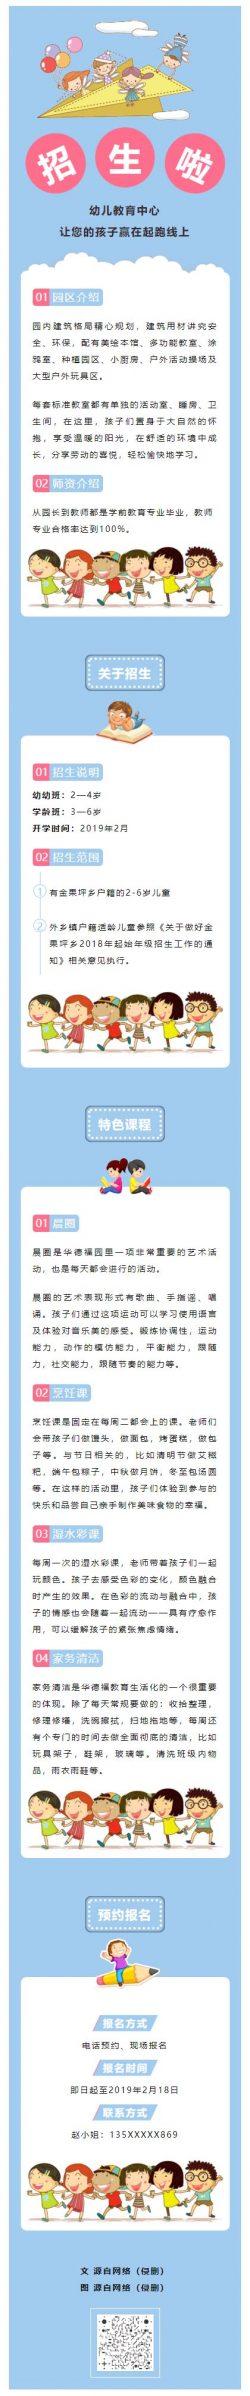 兴趣班招生幼儿教育儿童教育模板微信推文